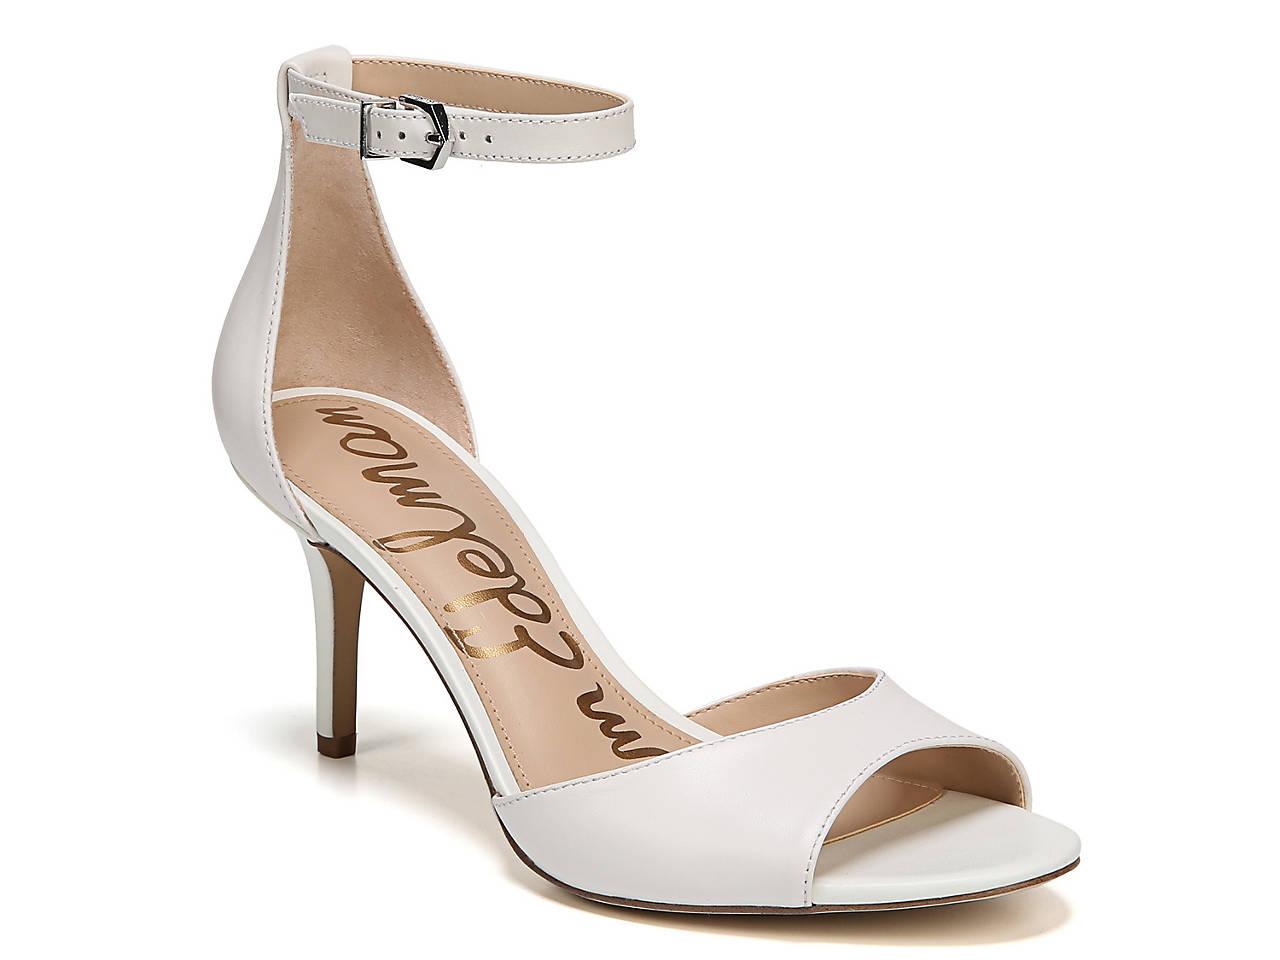 9fc8028a9 Sam Edelman Porchia Sandal Women s Shoes